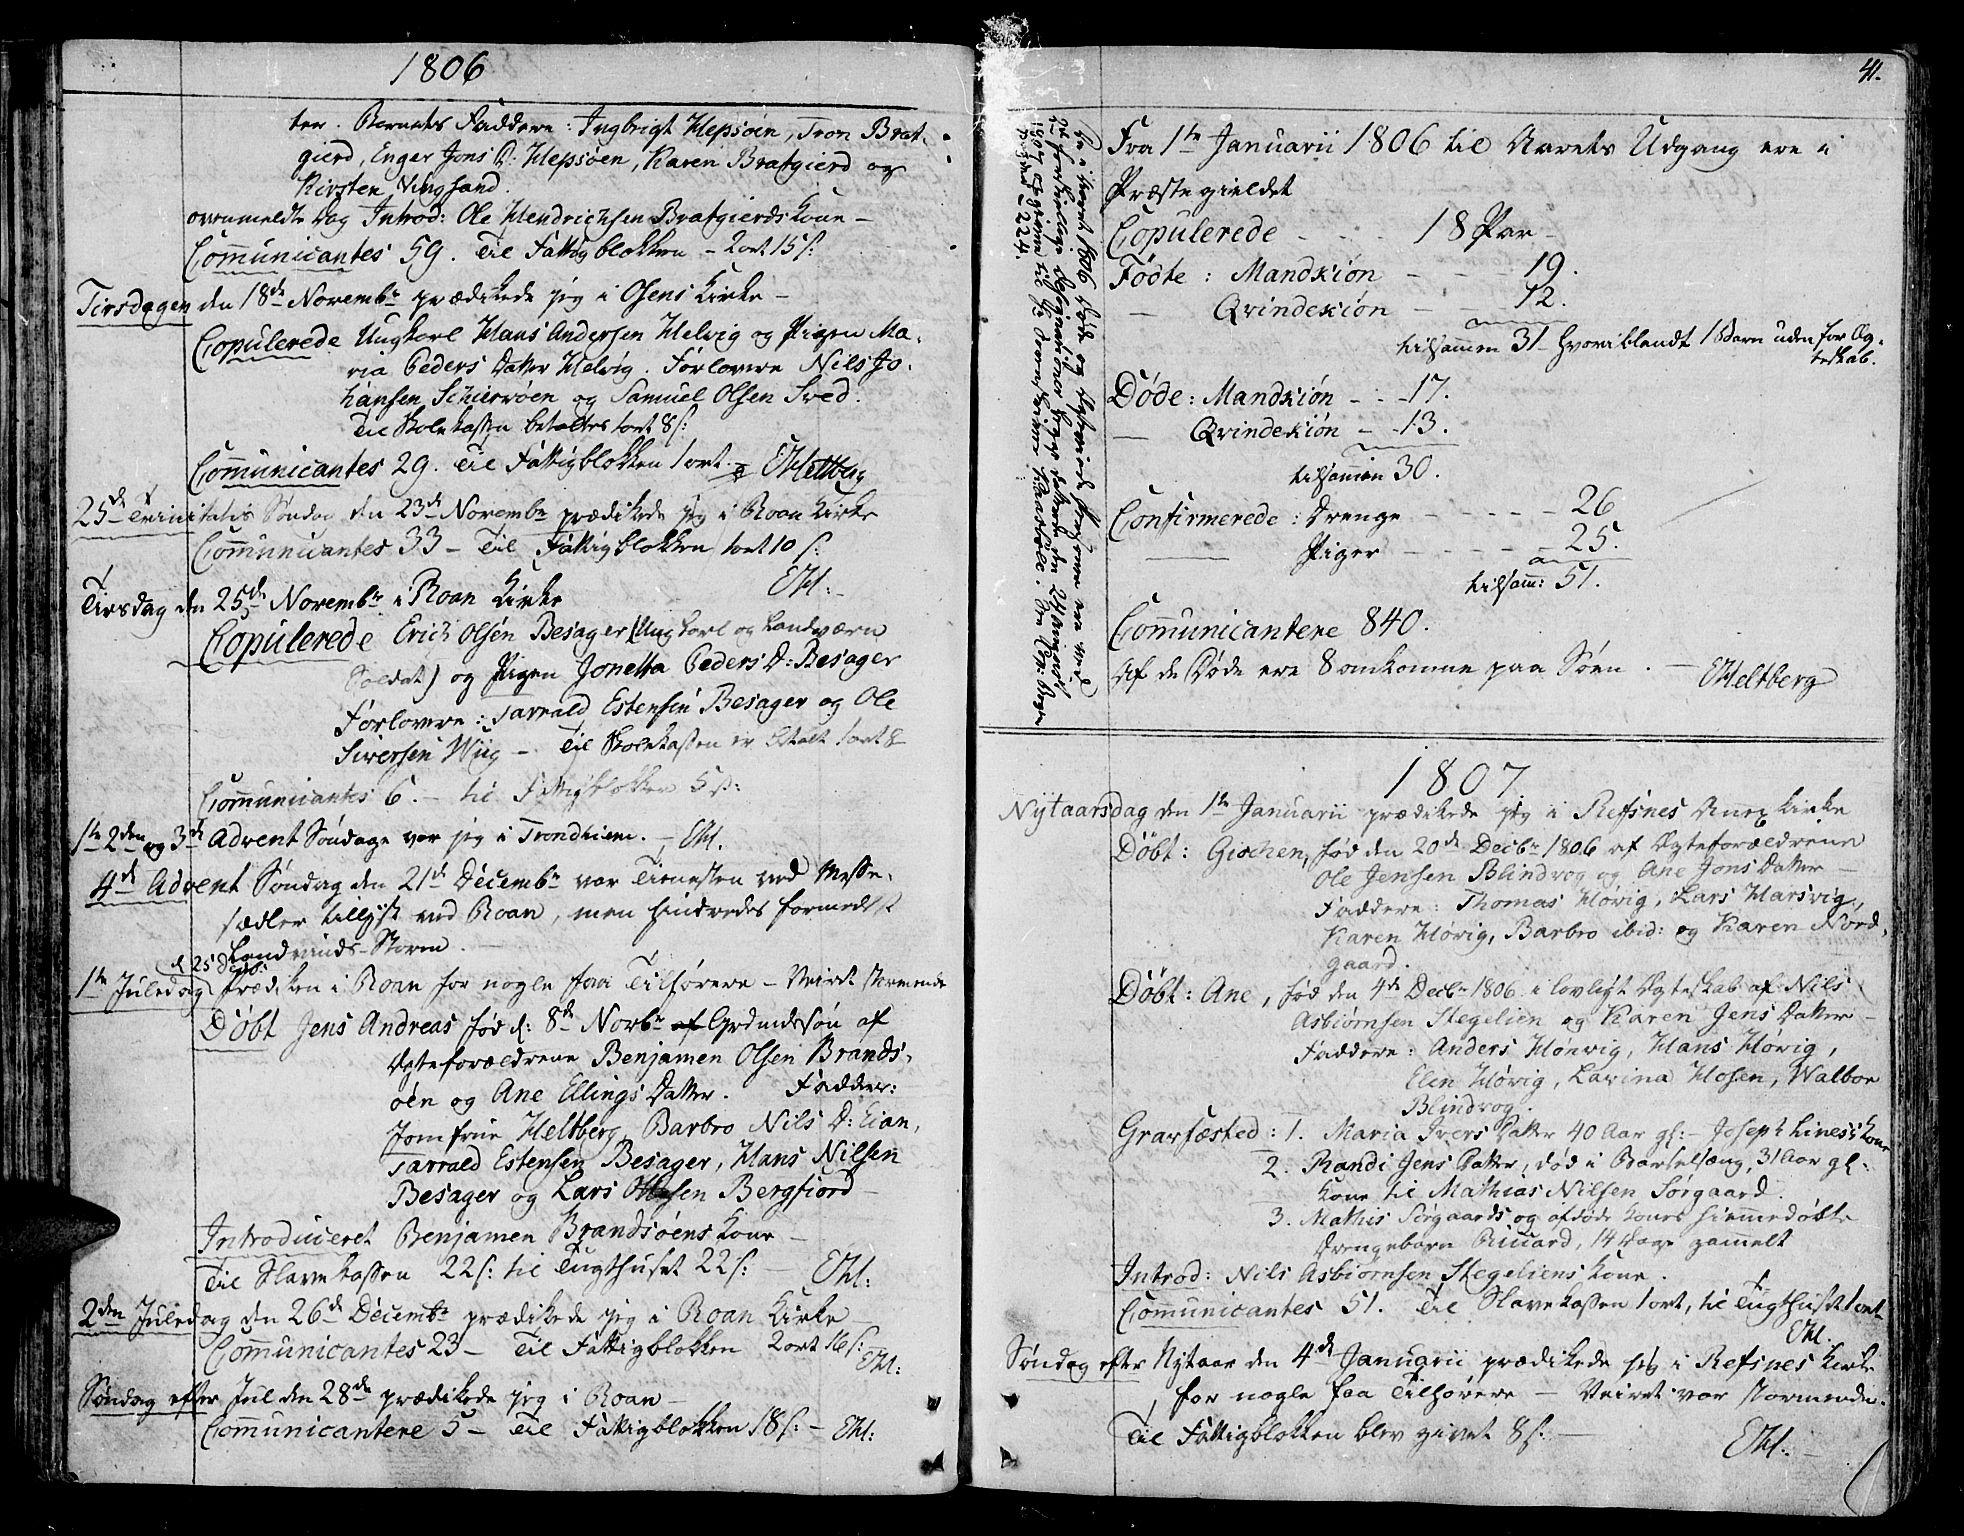 SAT, Ministerialprotokoller, klokkerbøker og fødselsregistre - Sør-Trøndelag, 657/L0701: Ministerialbok nr. 657A02, 1802-1831, s. 41